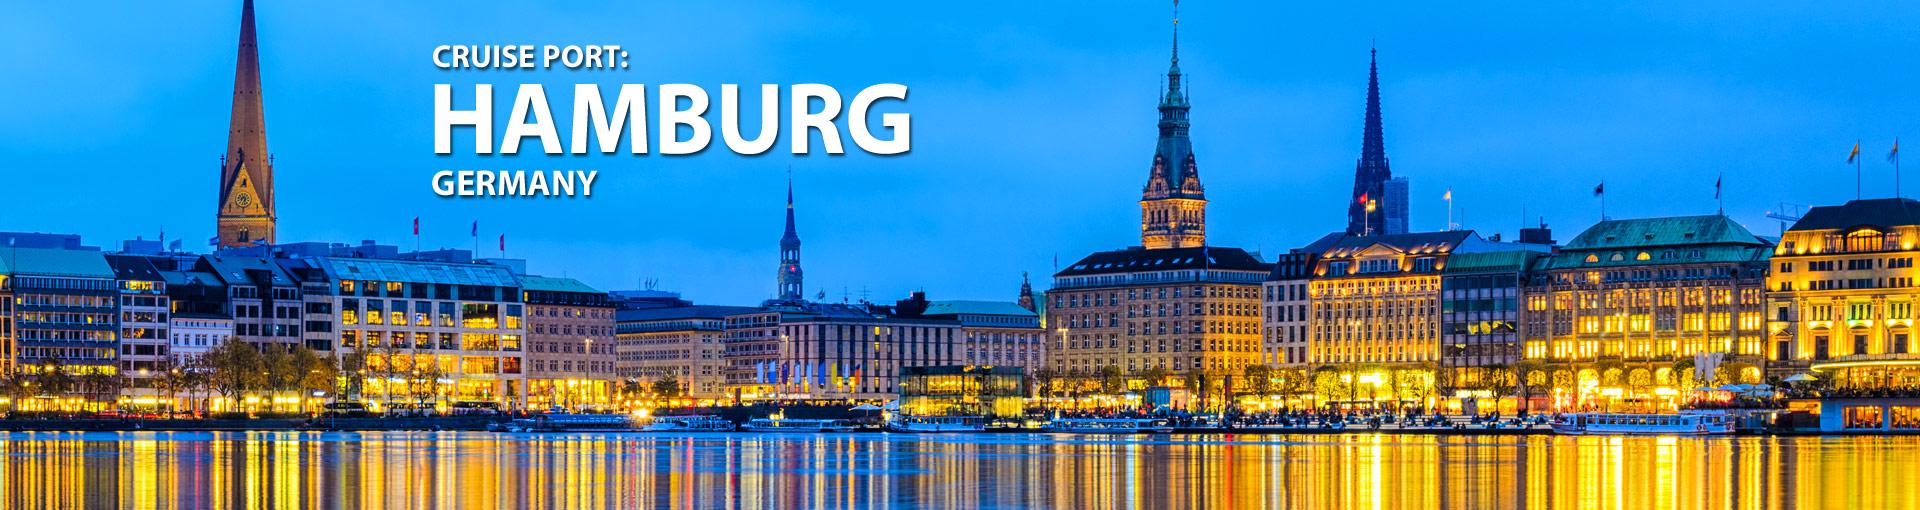 hamburg germany cruise port 2017 and 2018 cruises from hamburg germany the cruise web